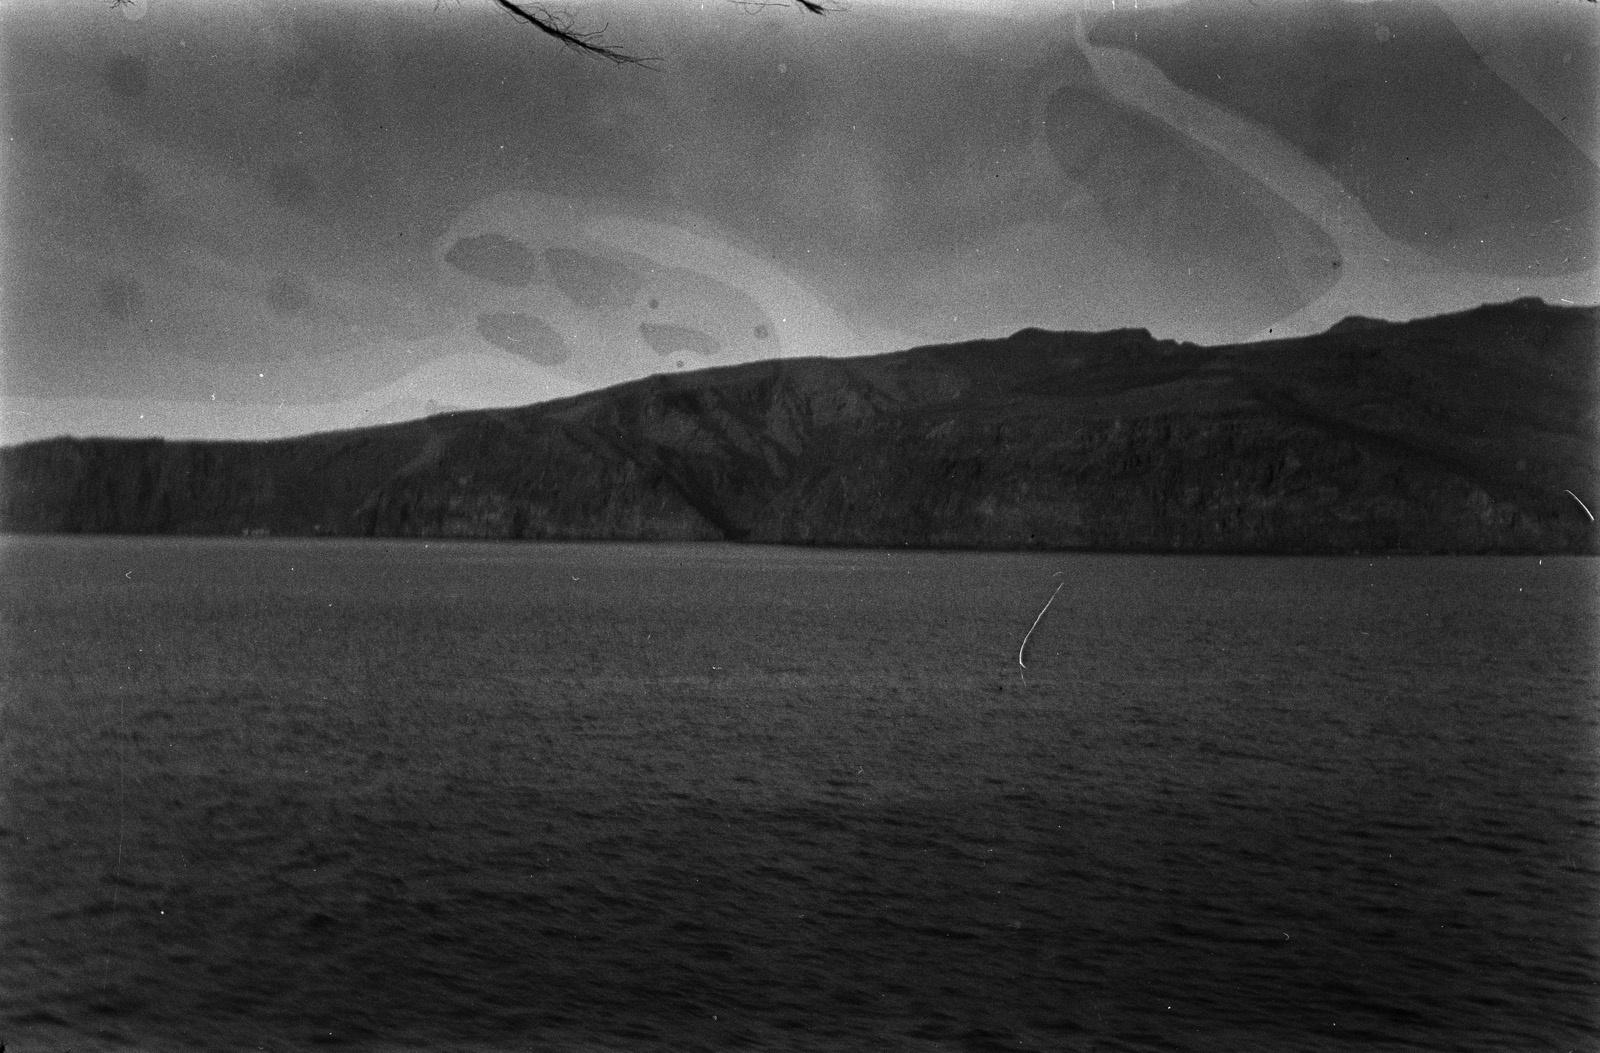 Путешествие Кейптаун-Мадейра. Восточное побережье острова Гомера. Крутой берег с четко узнаваемой красновато-коричневой скалой.